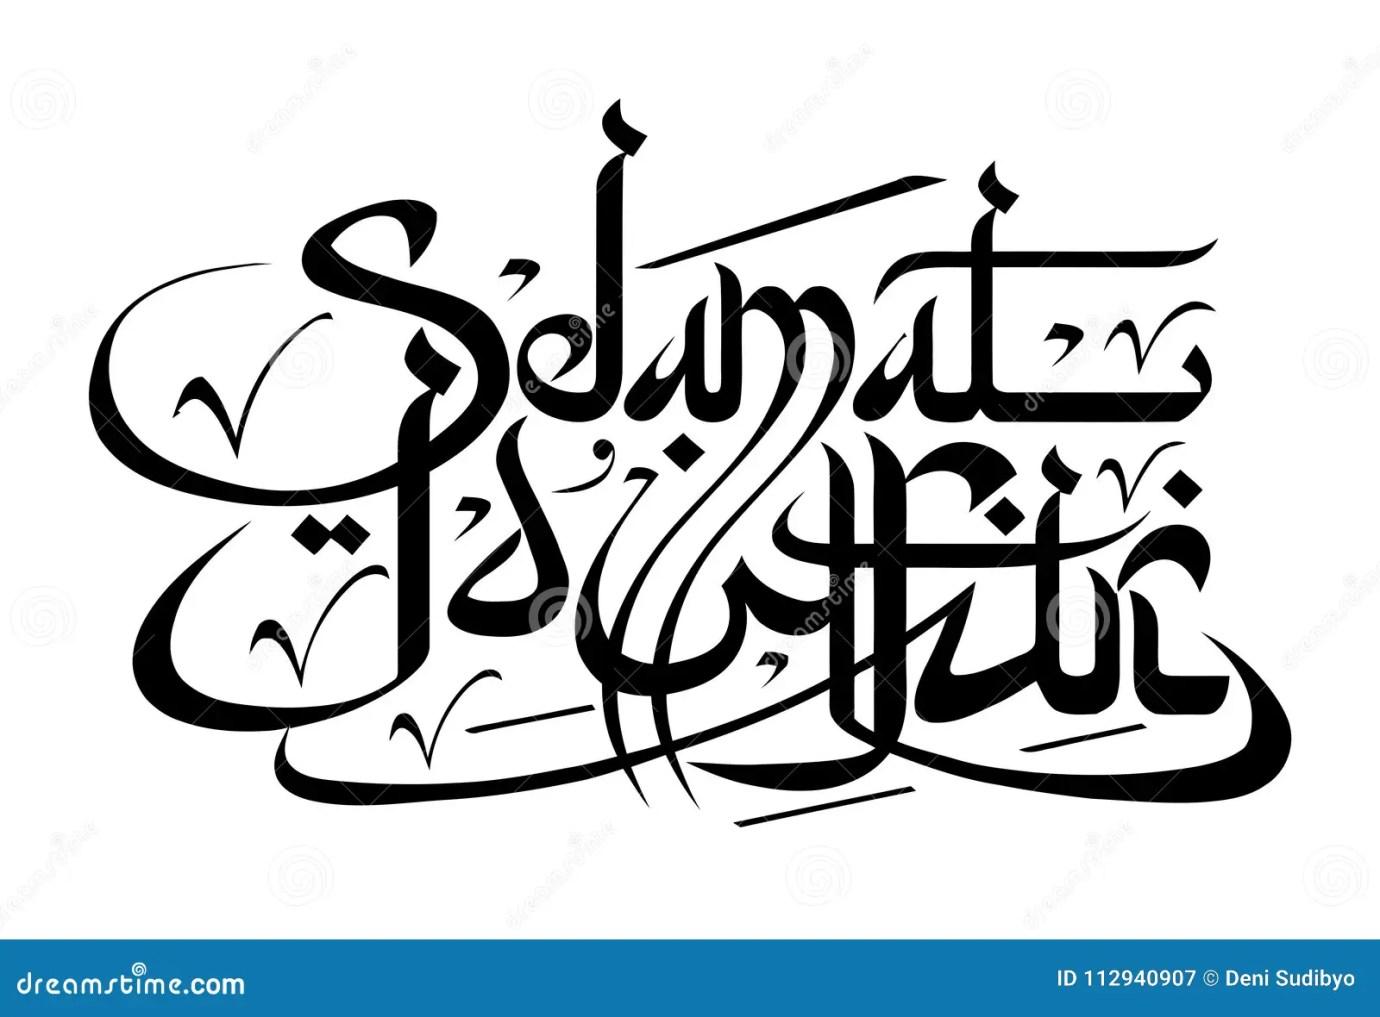 Gambar Ketupat Lebaran Hitam Putih Gambar Islami